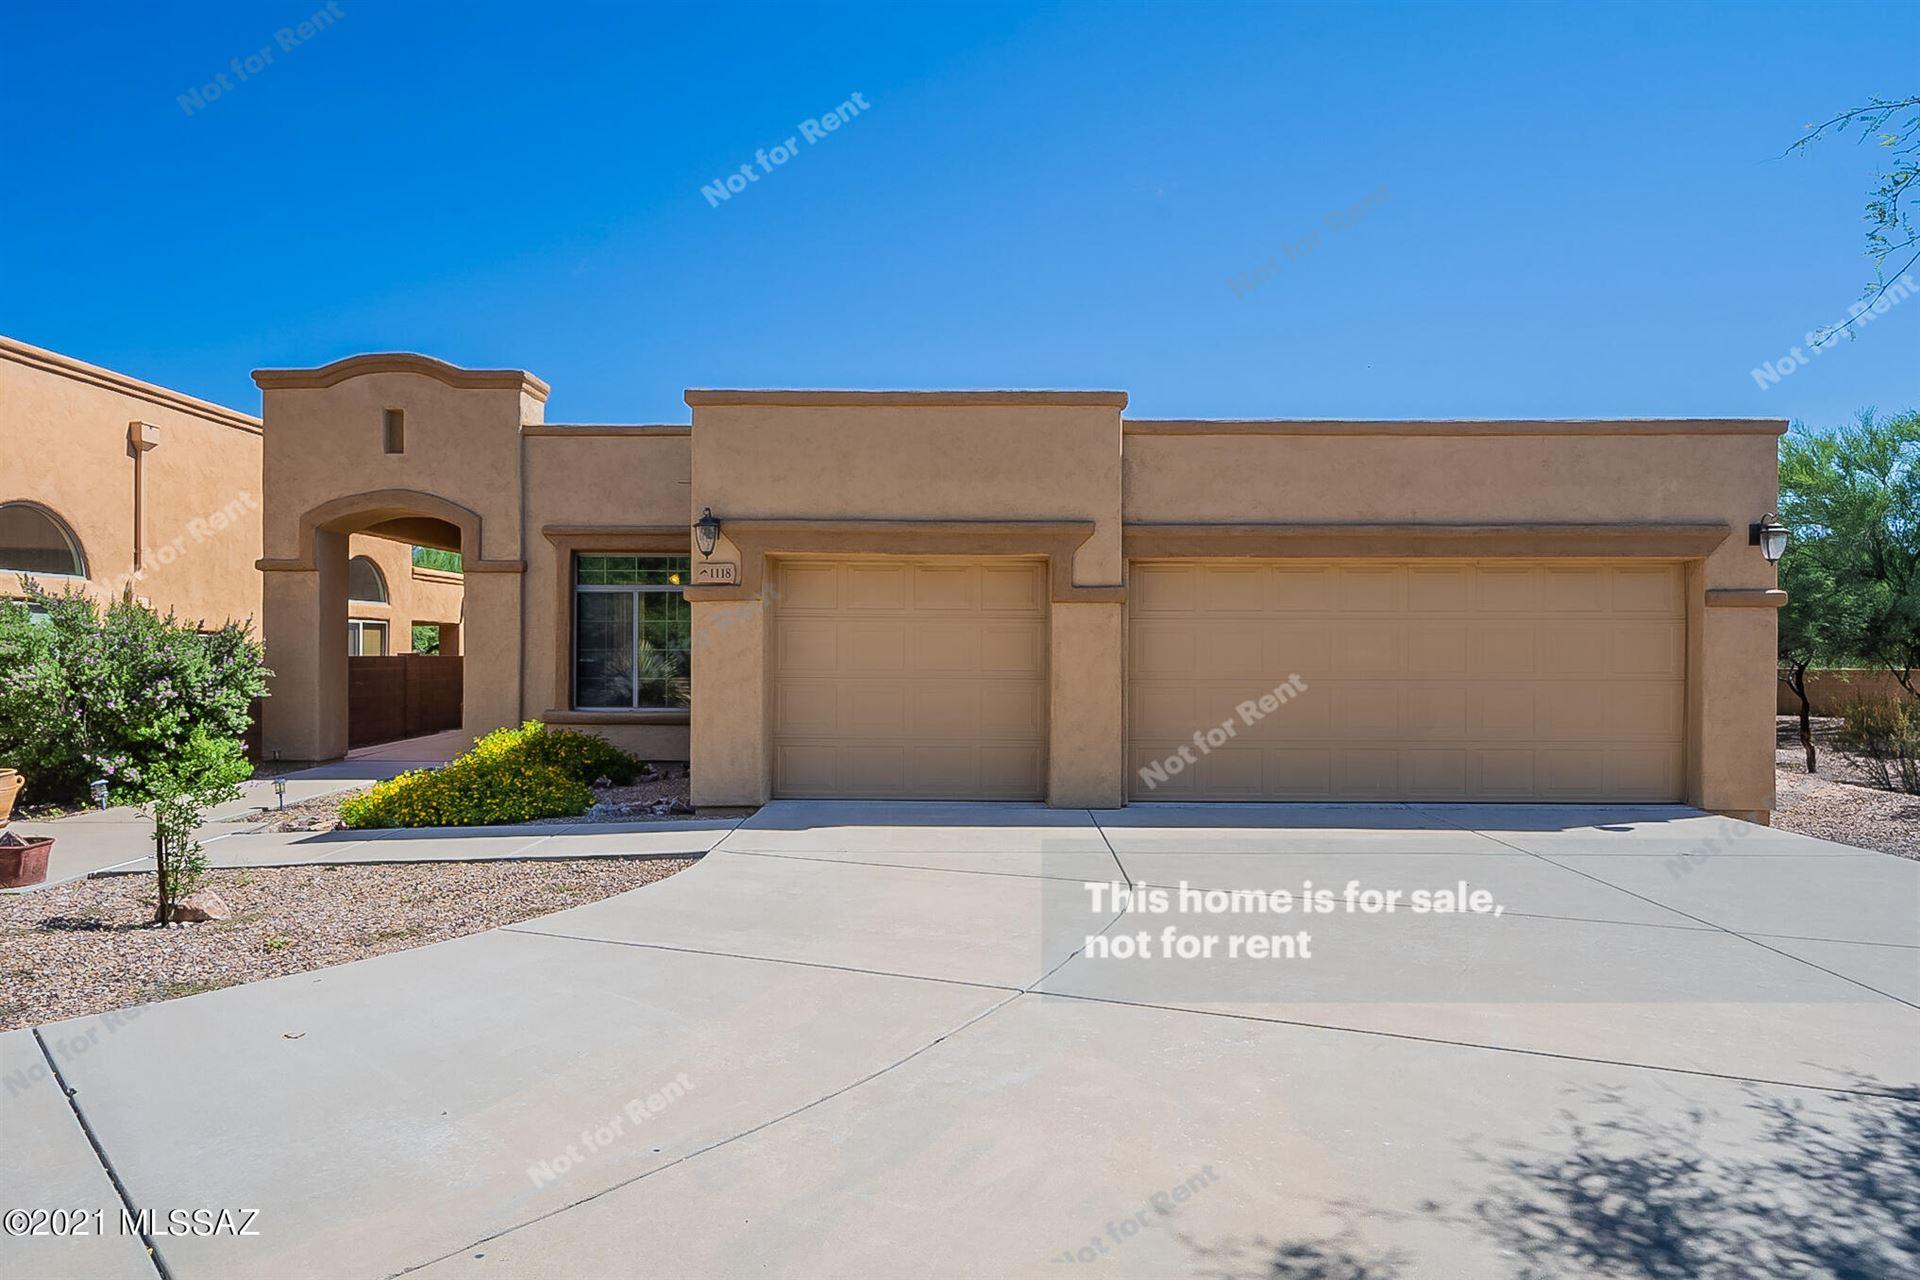 1118 N Copper Spur Court, Tucson, AZ 85715 - MLS#: 22121982